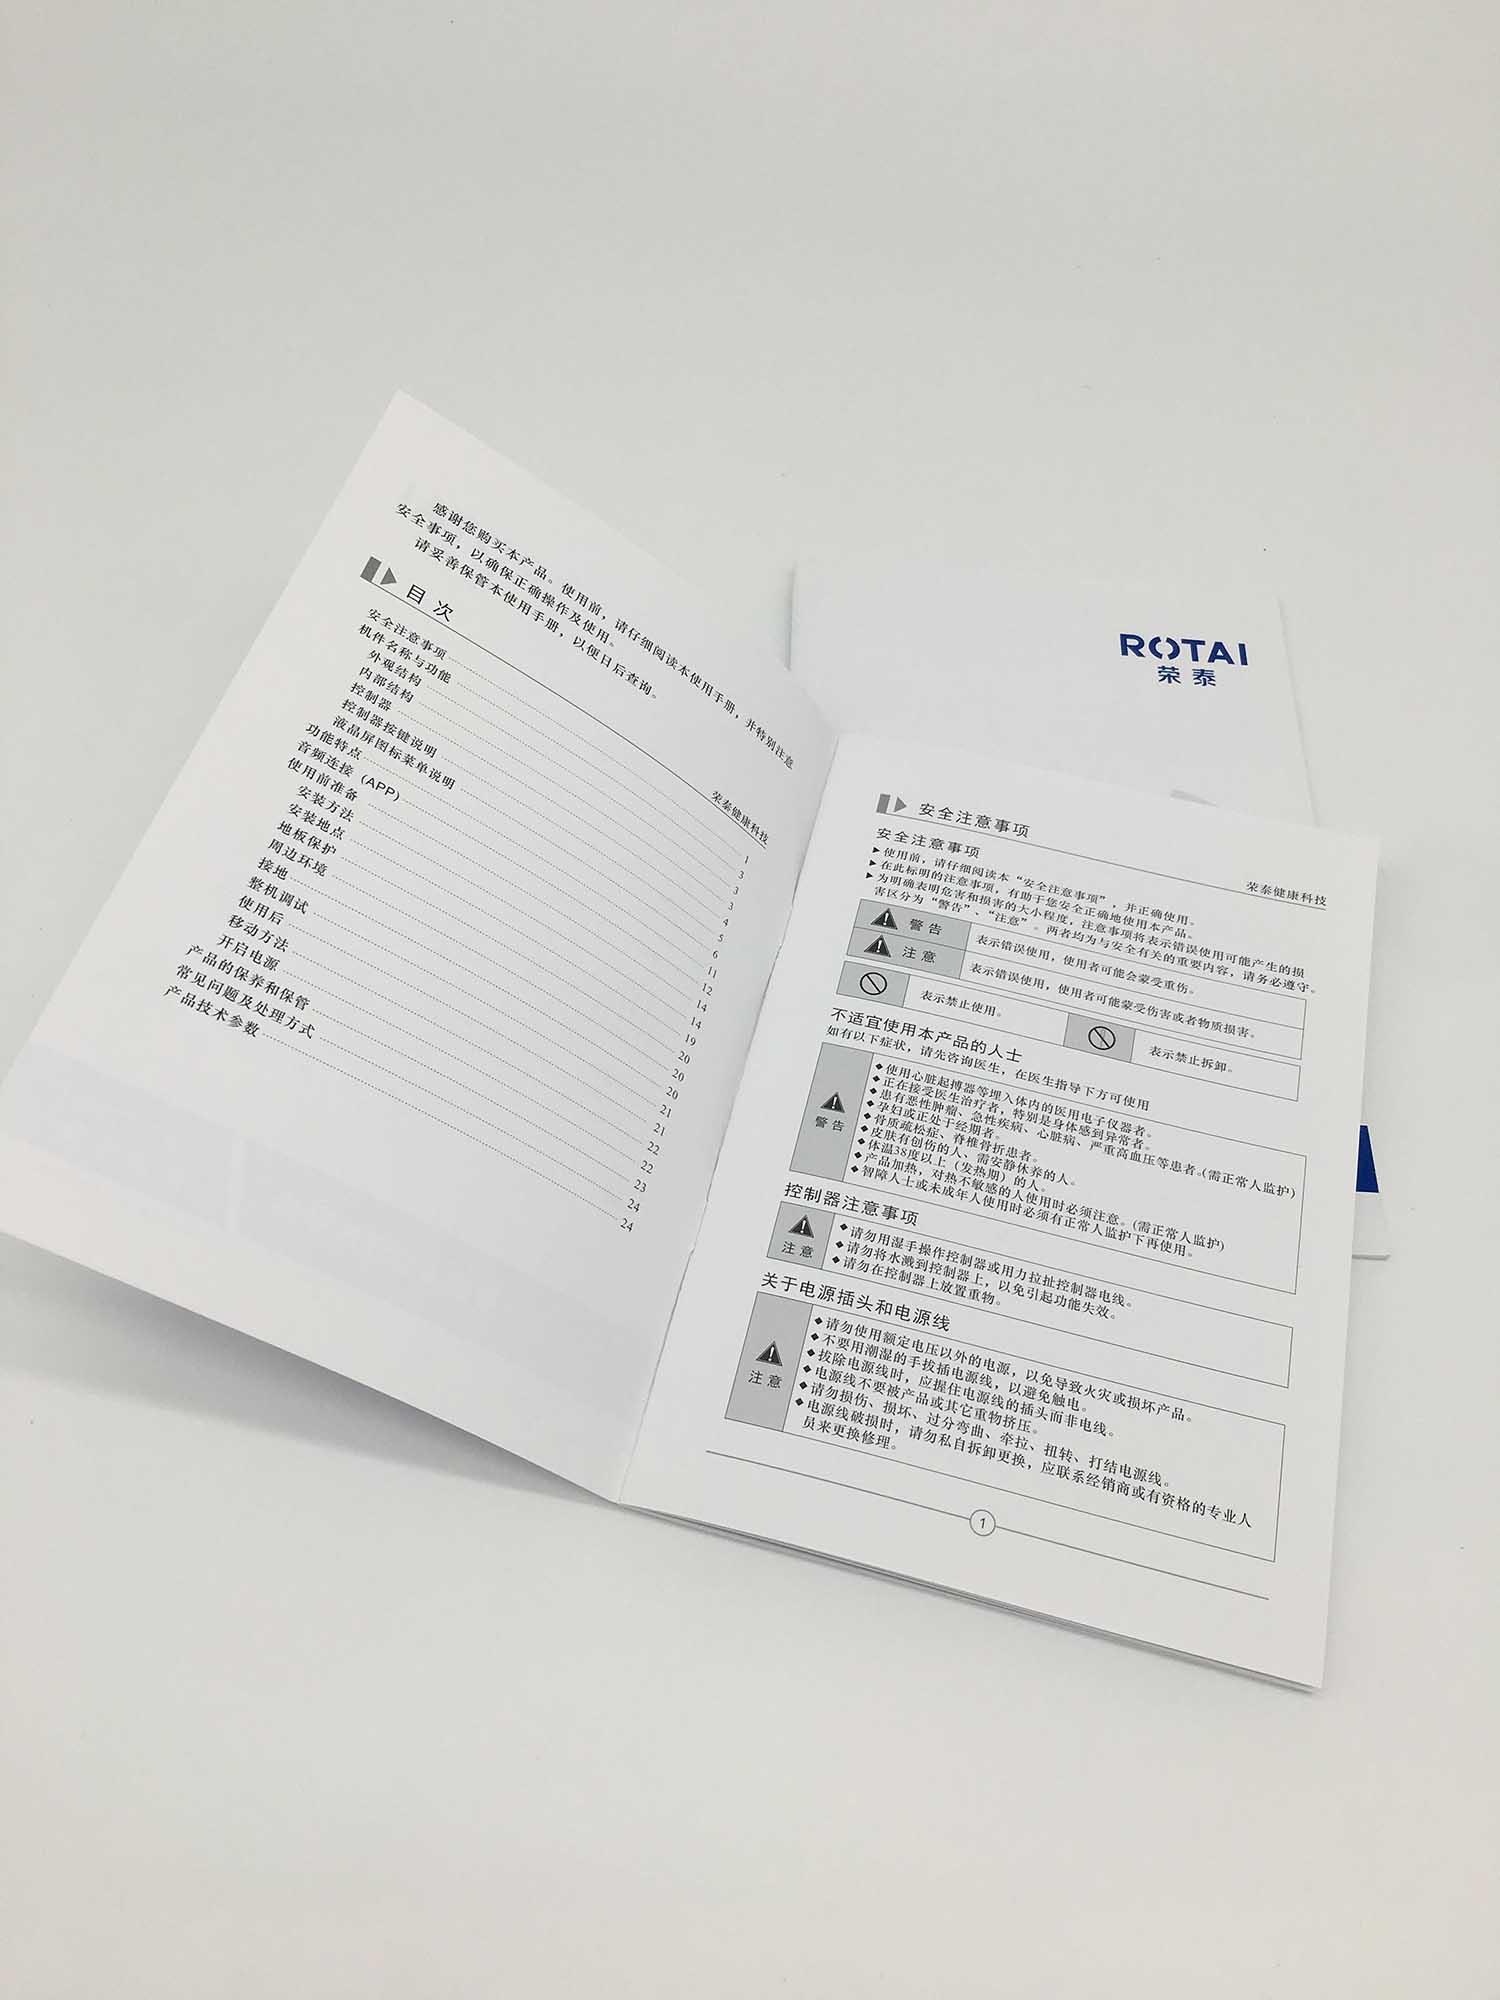 镜铁山矿区企业宣传册印刷设计